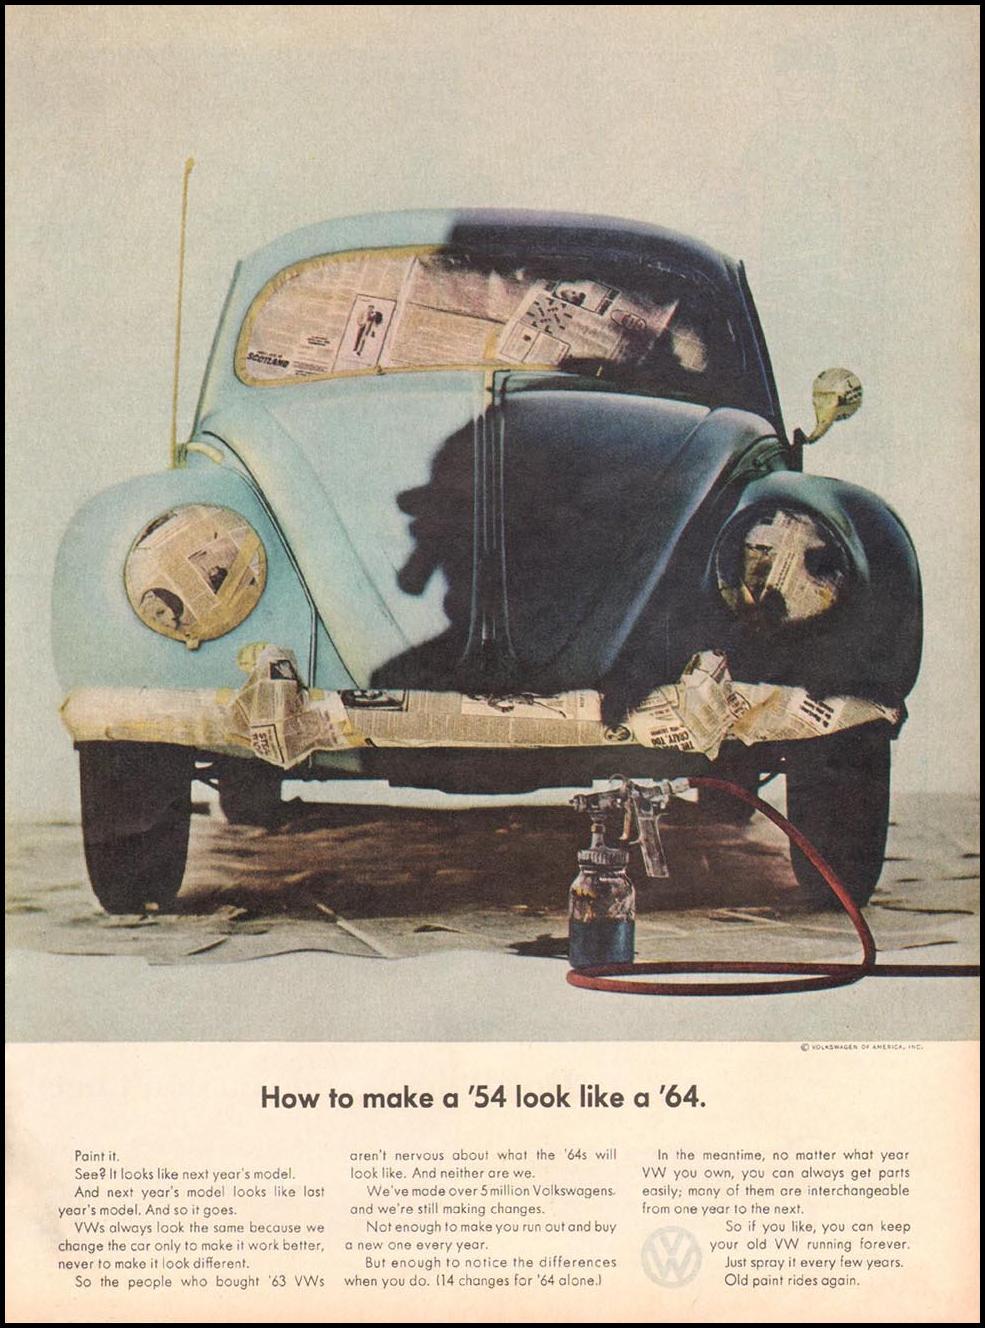 VOLKSWAGEN AUTOMOBILES TIME 10/04/1963 p. 59